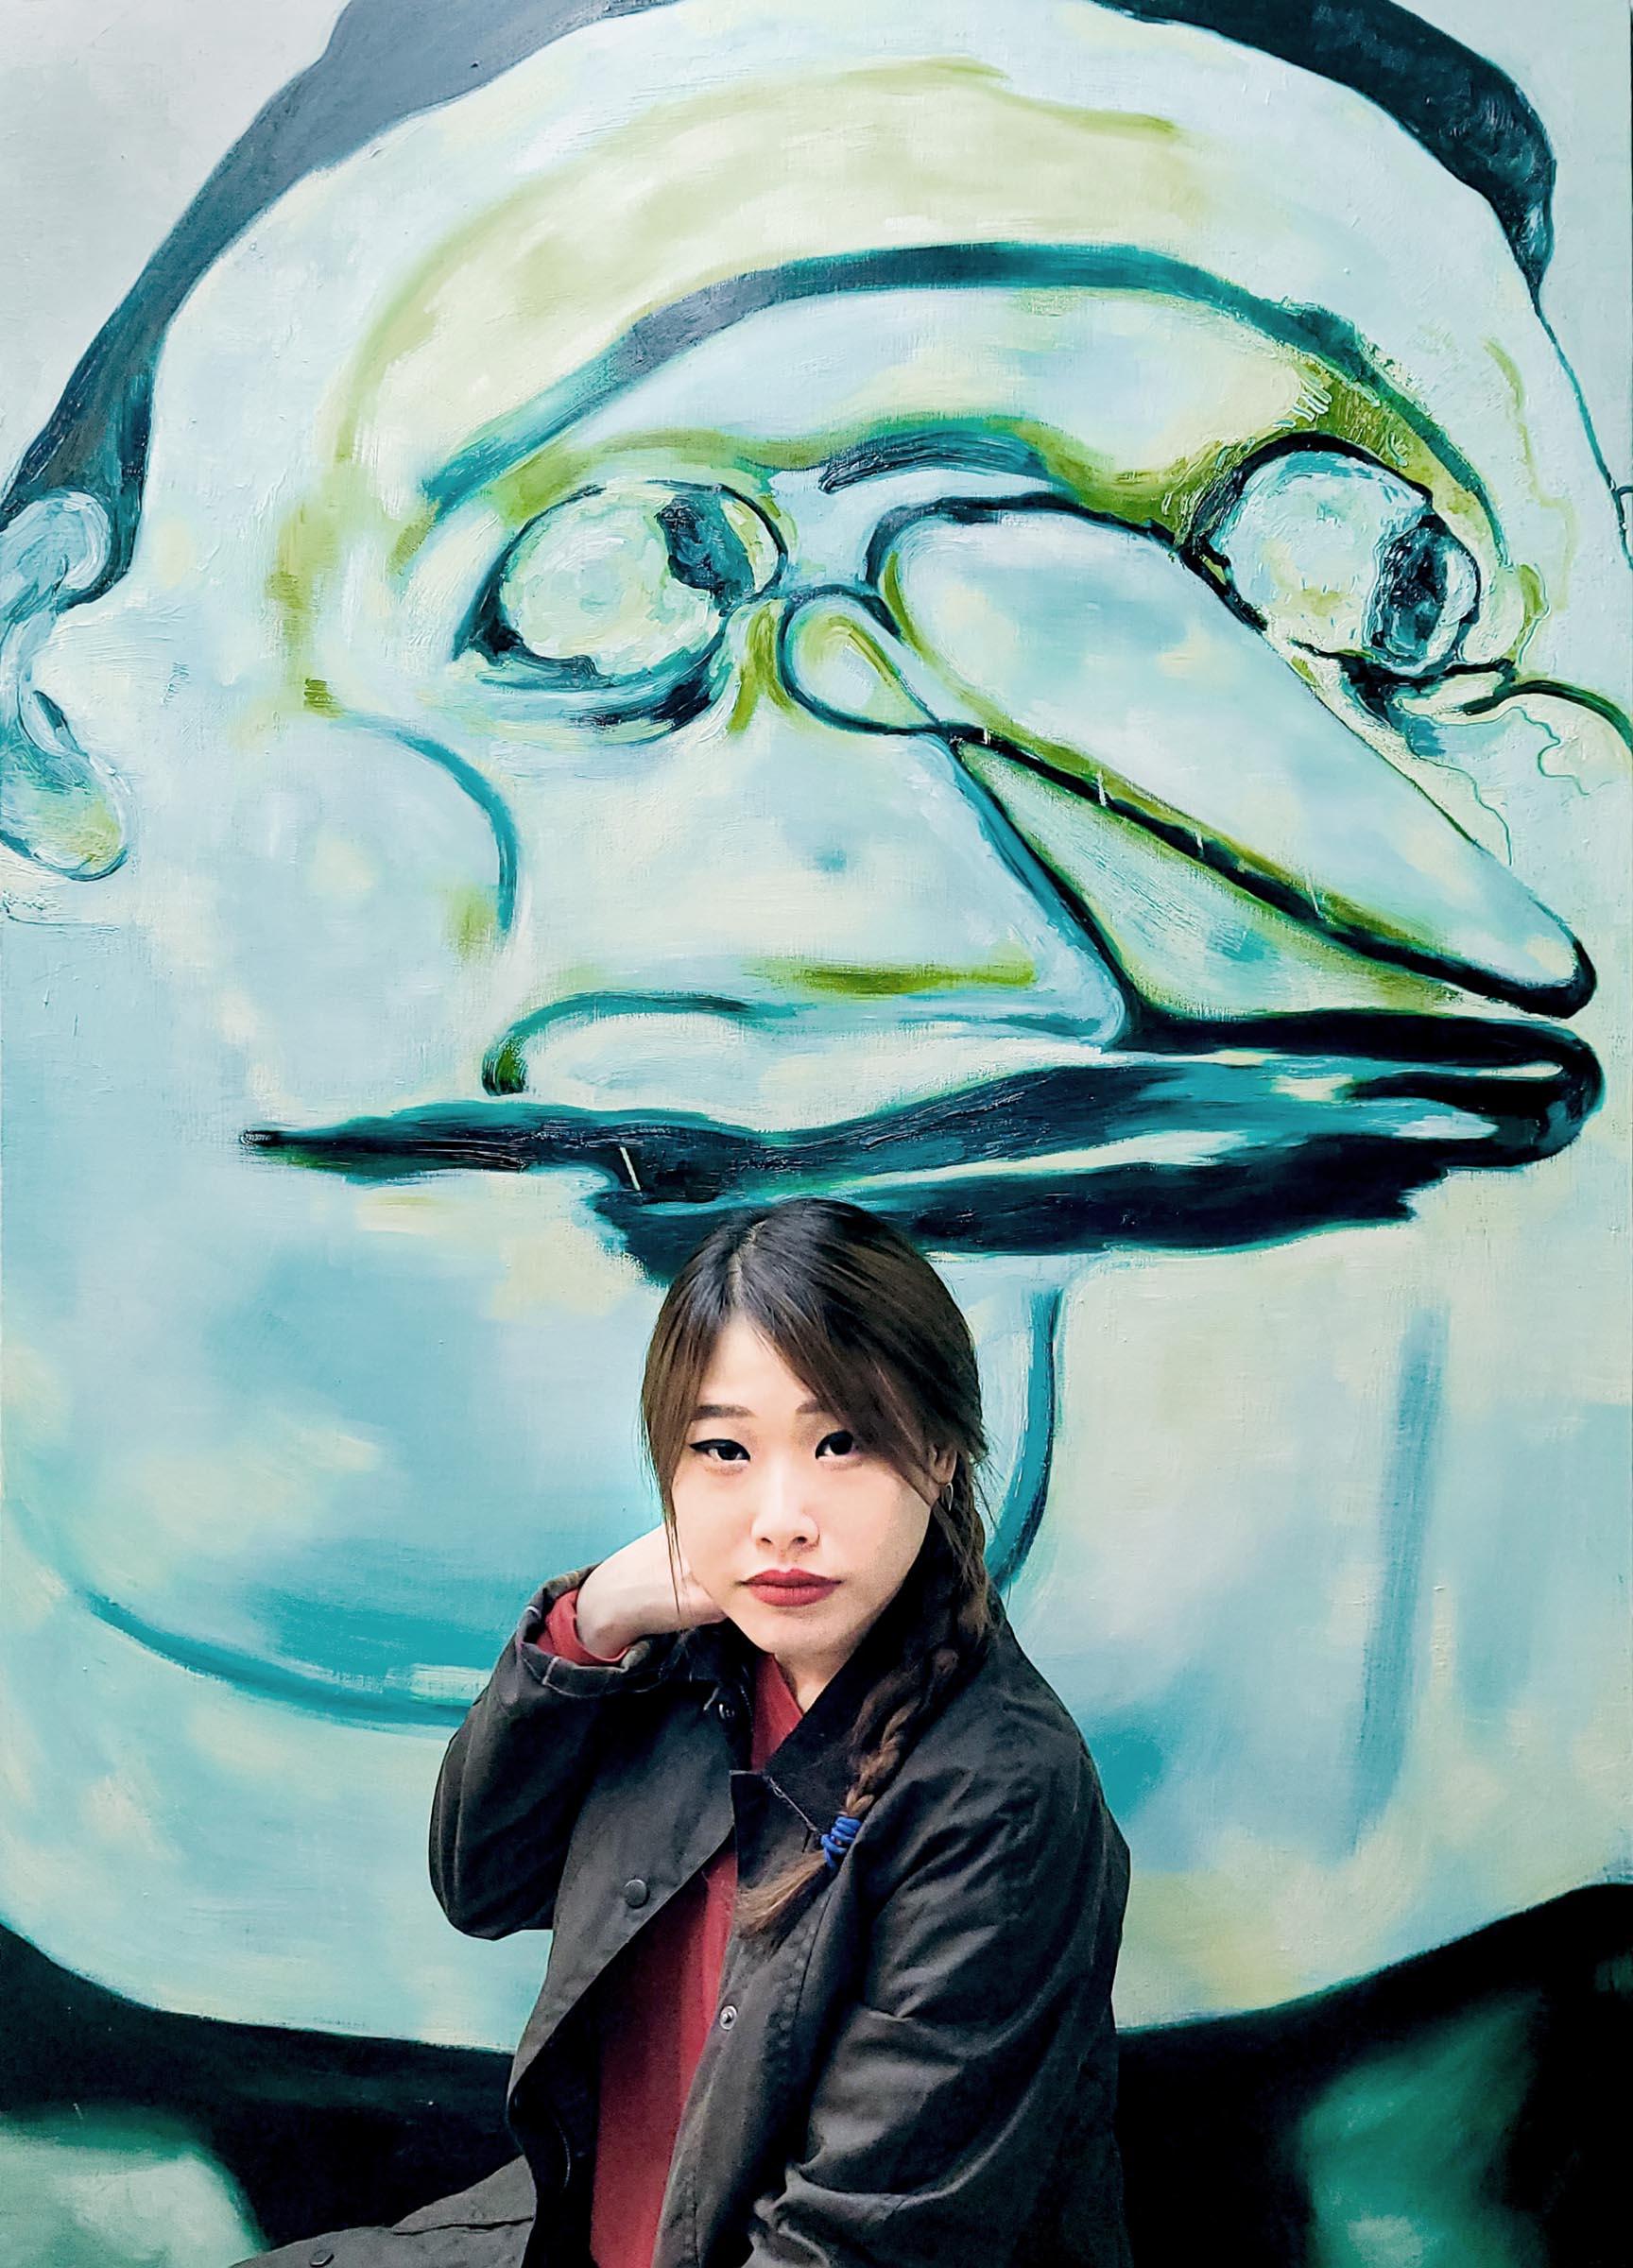 Seon-jeong Wang